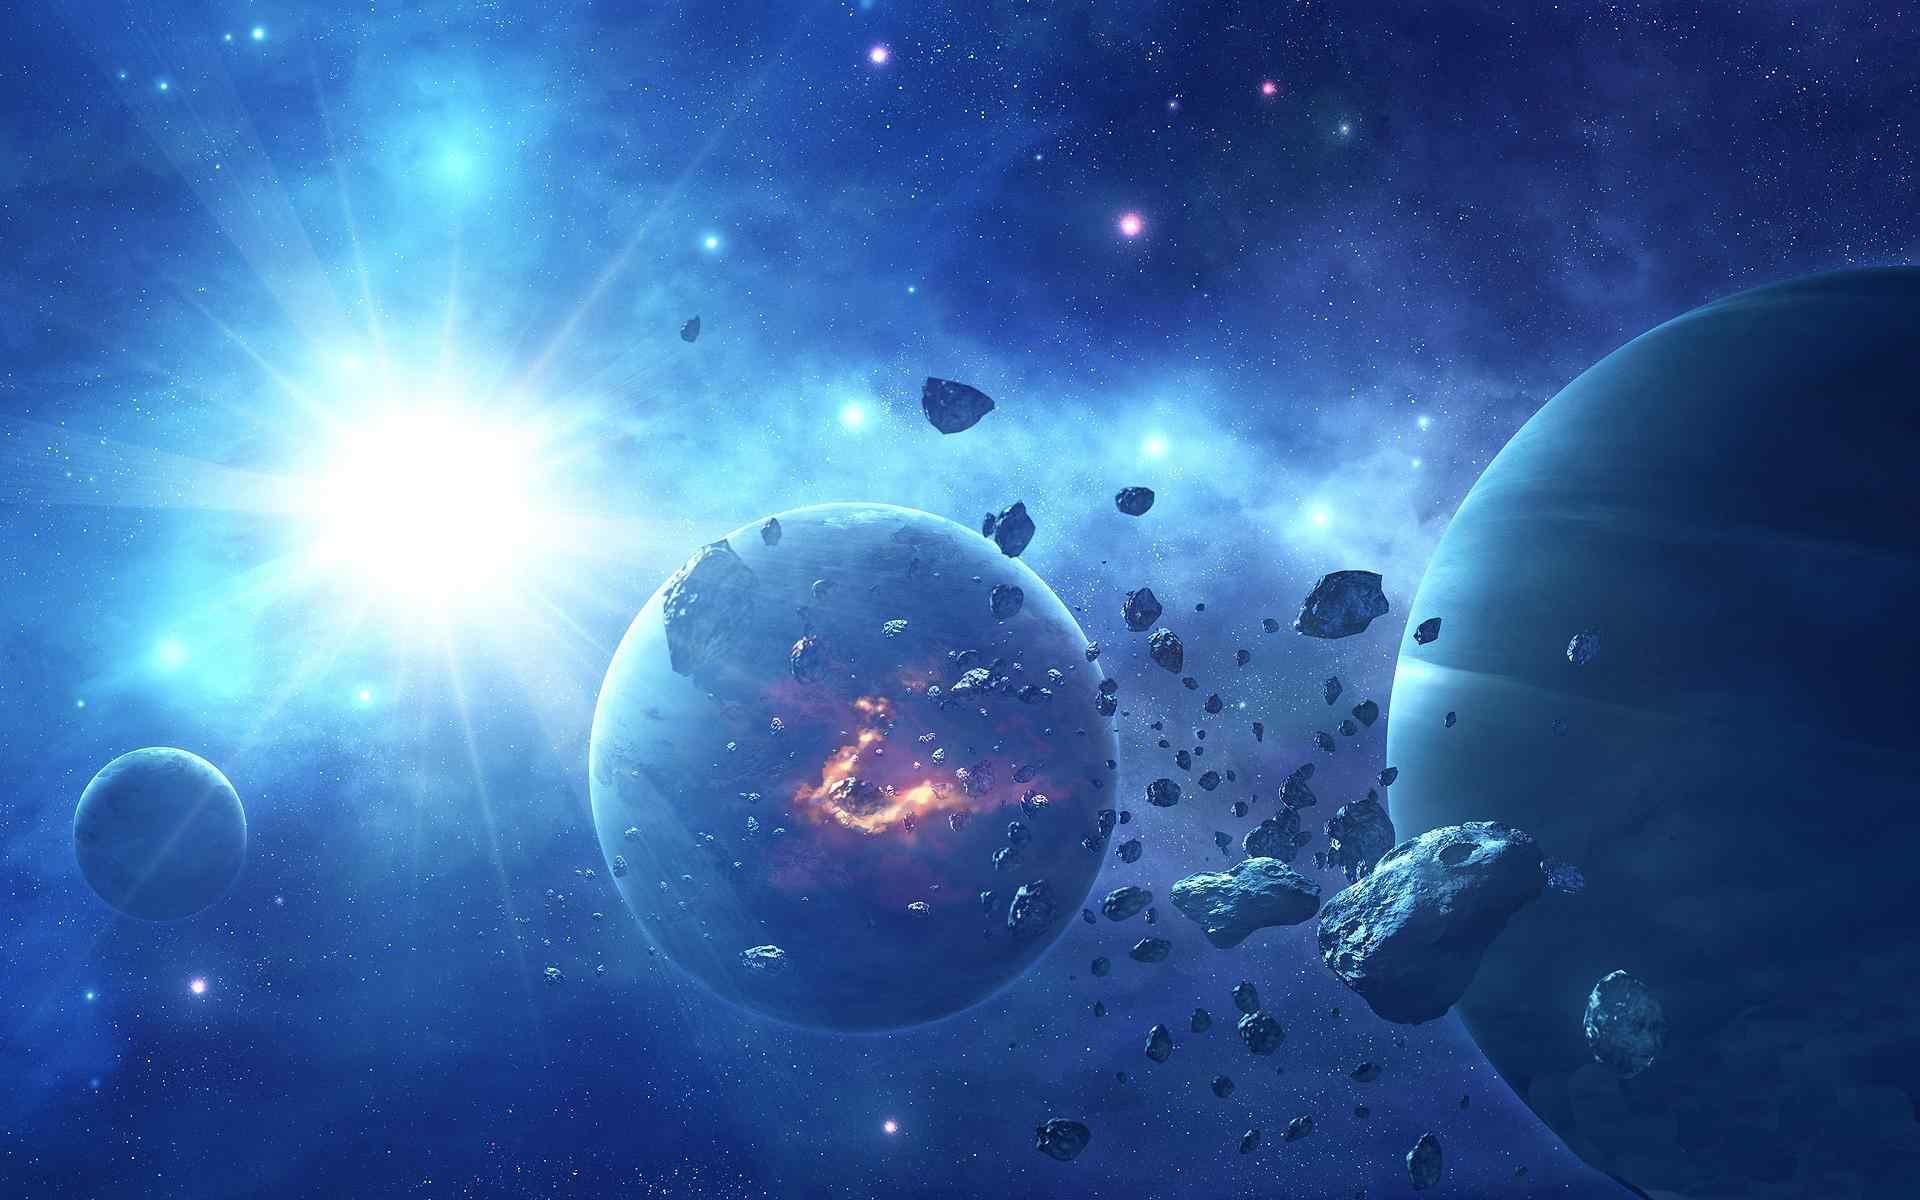 科幻星球陨石坠落高清桌面壁纸下载